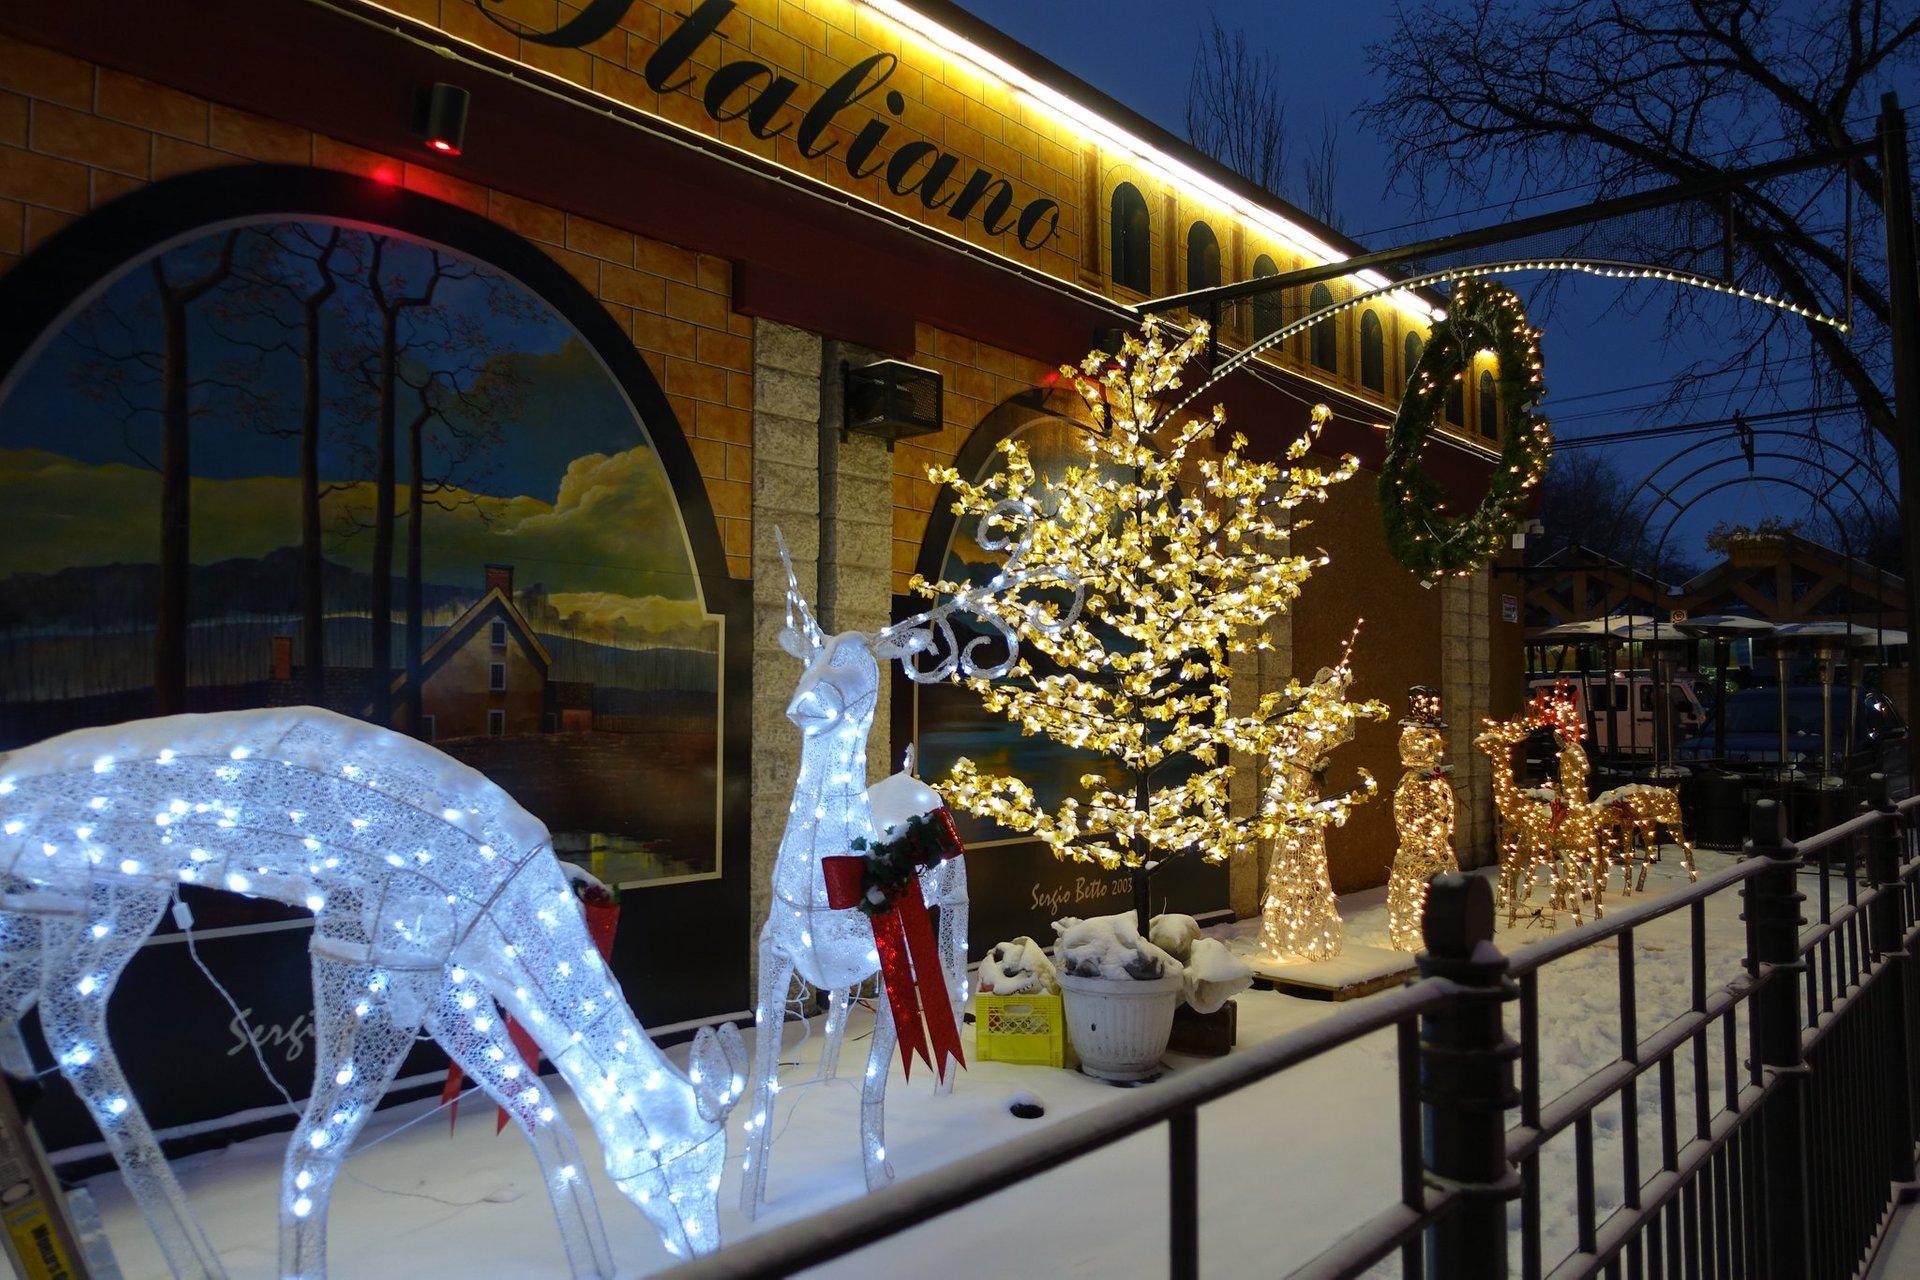 Christmas lights at Colosseo Ristorante Italiano, Winnipeg 2020